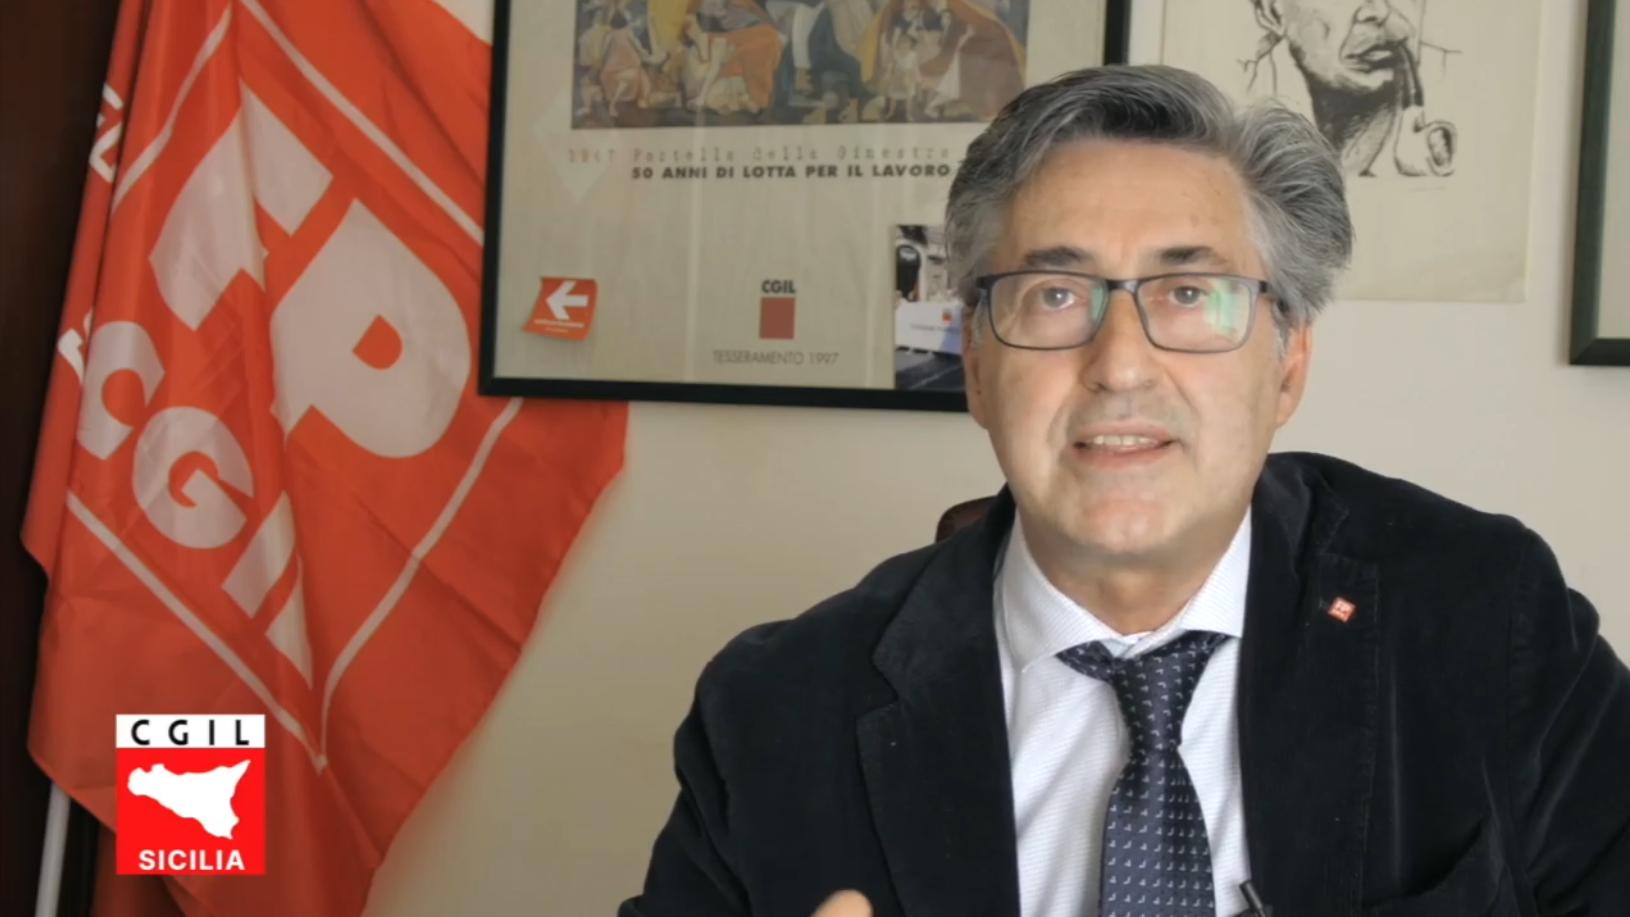 AL LAVORO SICURI PER LA SICUREZZA DI TUTTI! – VIDEO